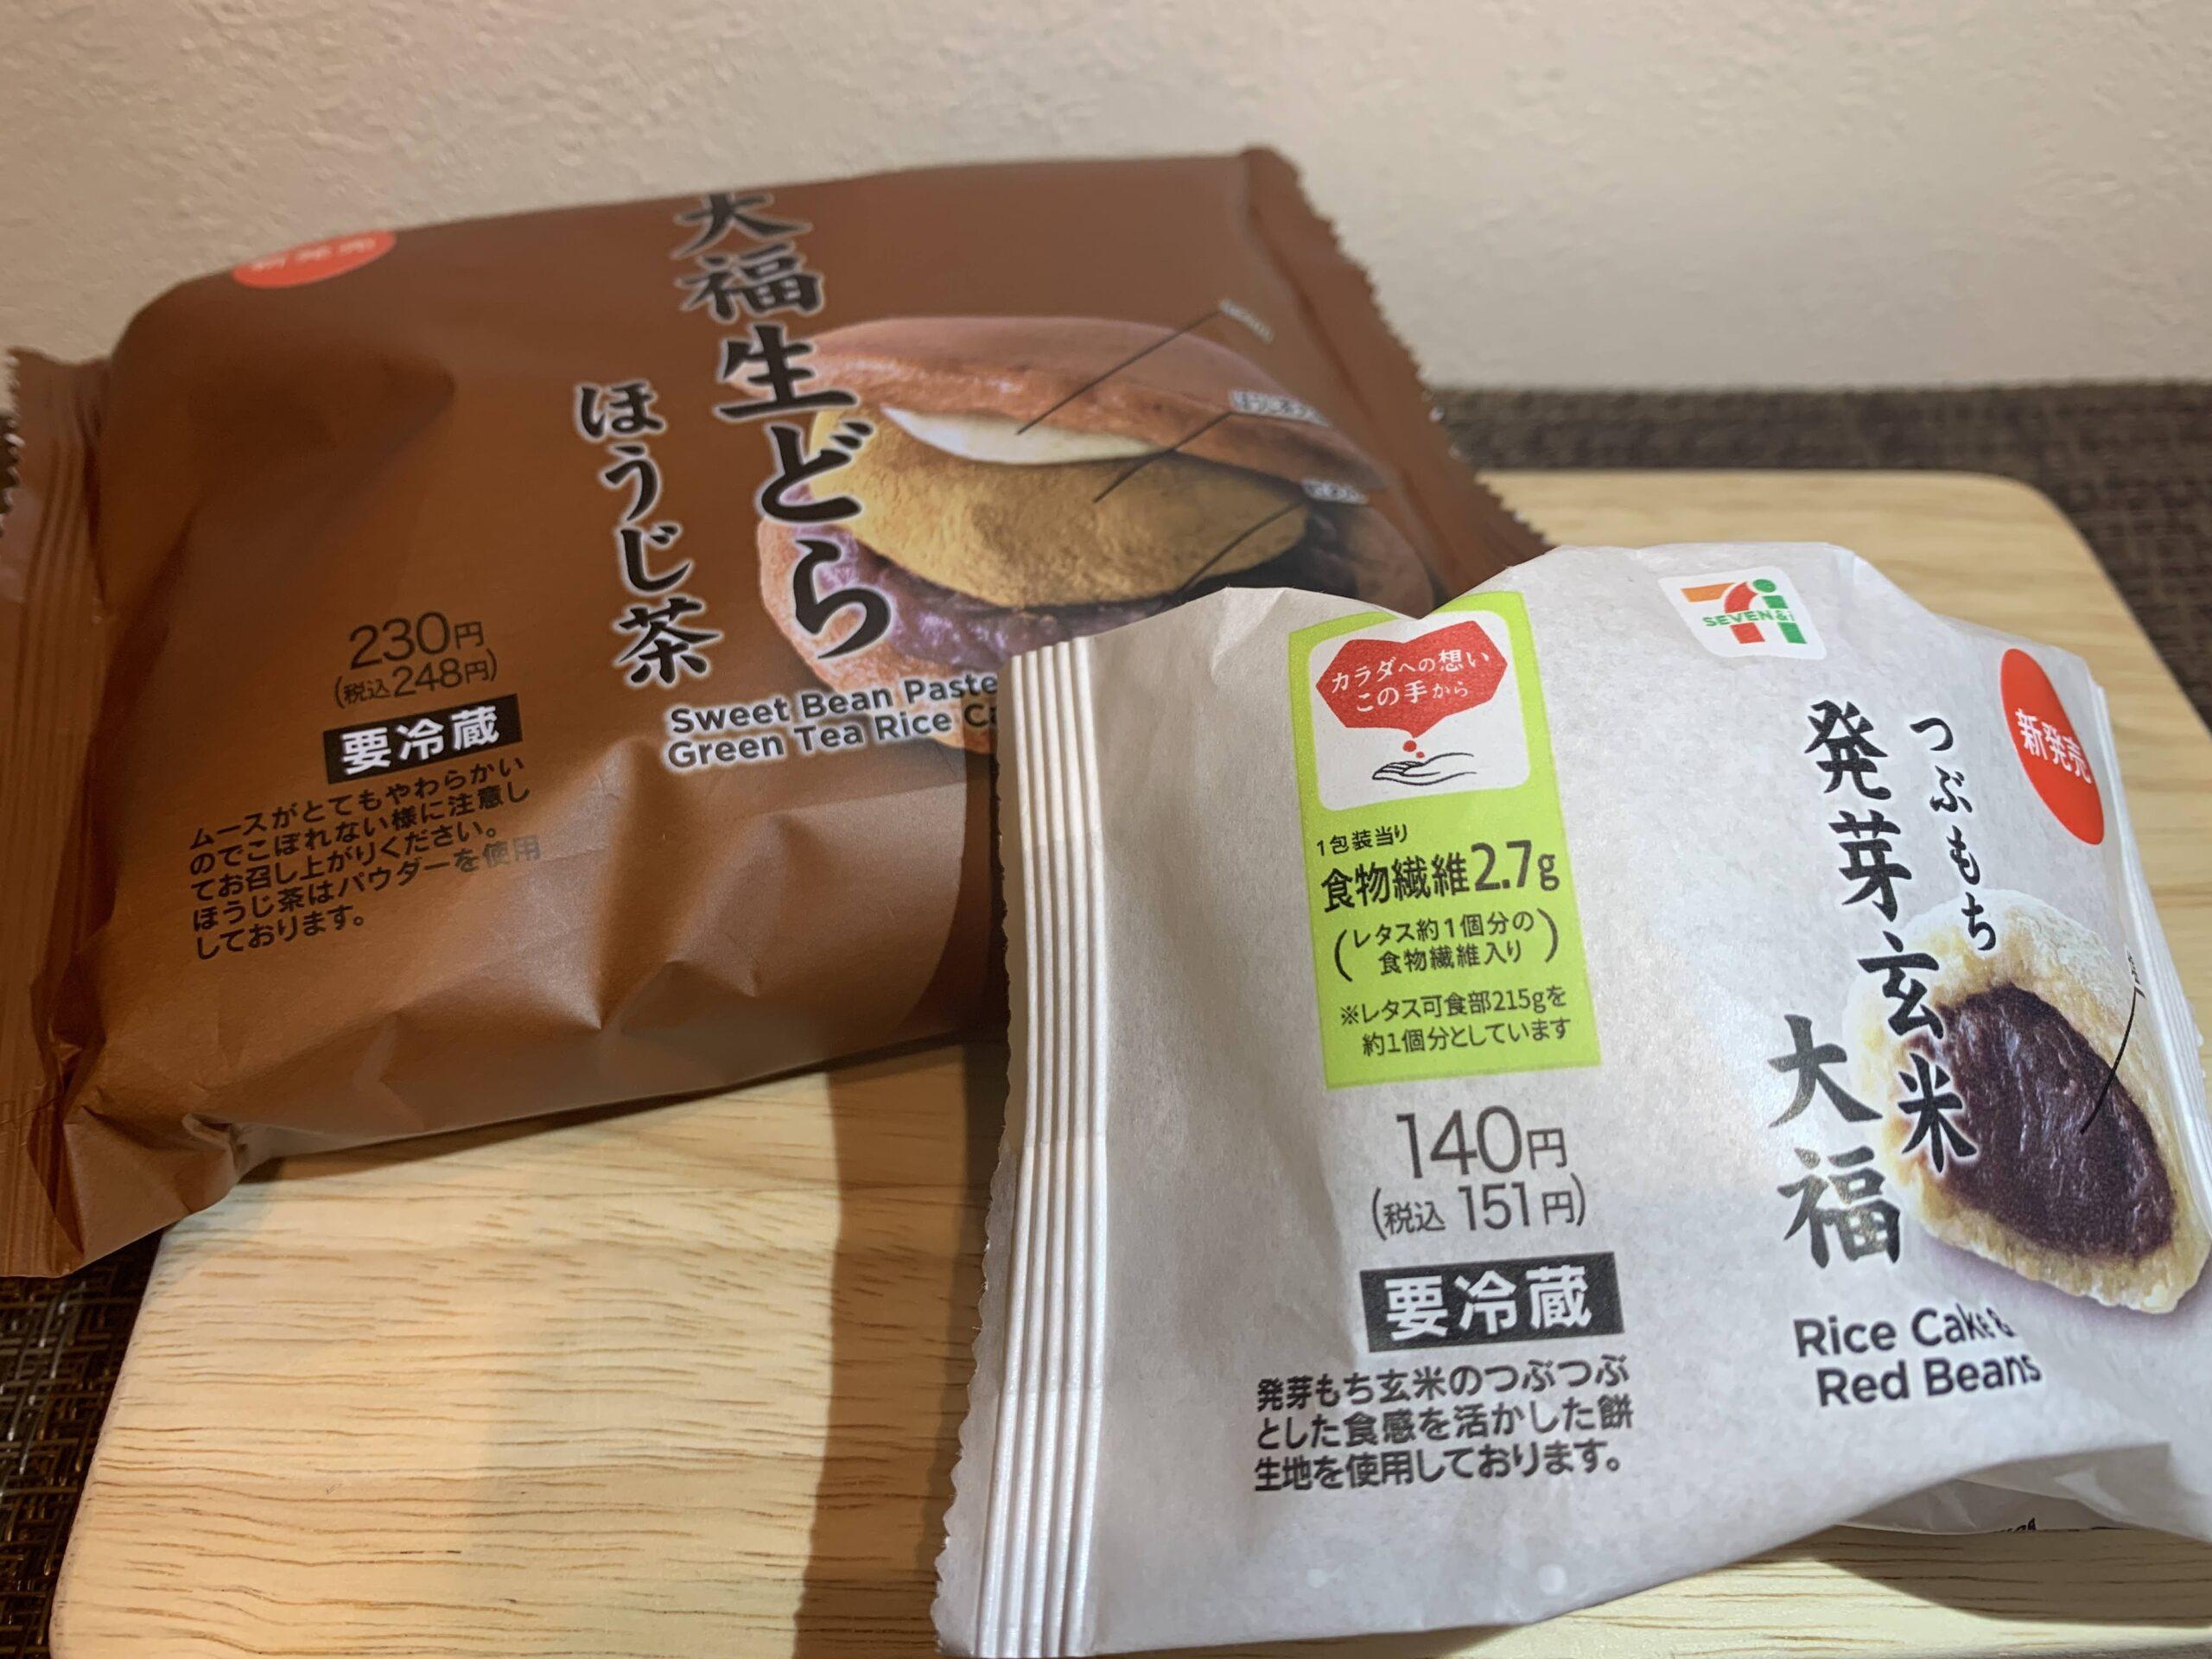 セブンスイーツ大福生どらほうじ茶&つぶもち発芽玄米大福は美味しい?